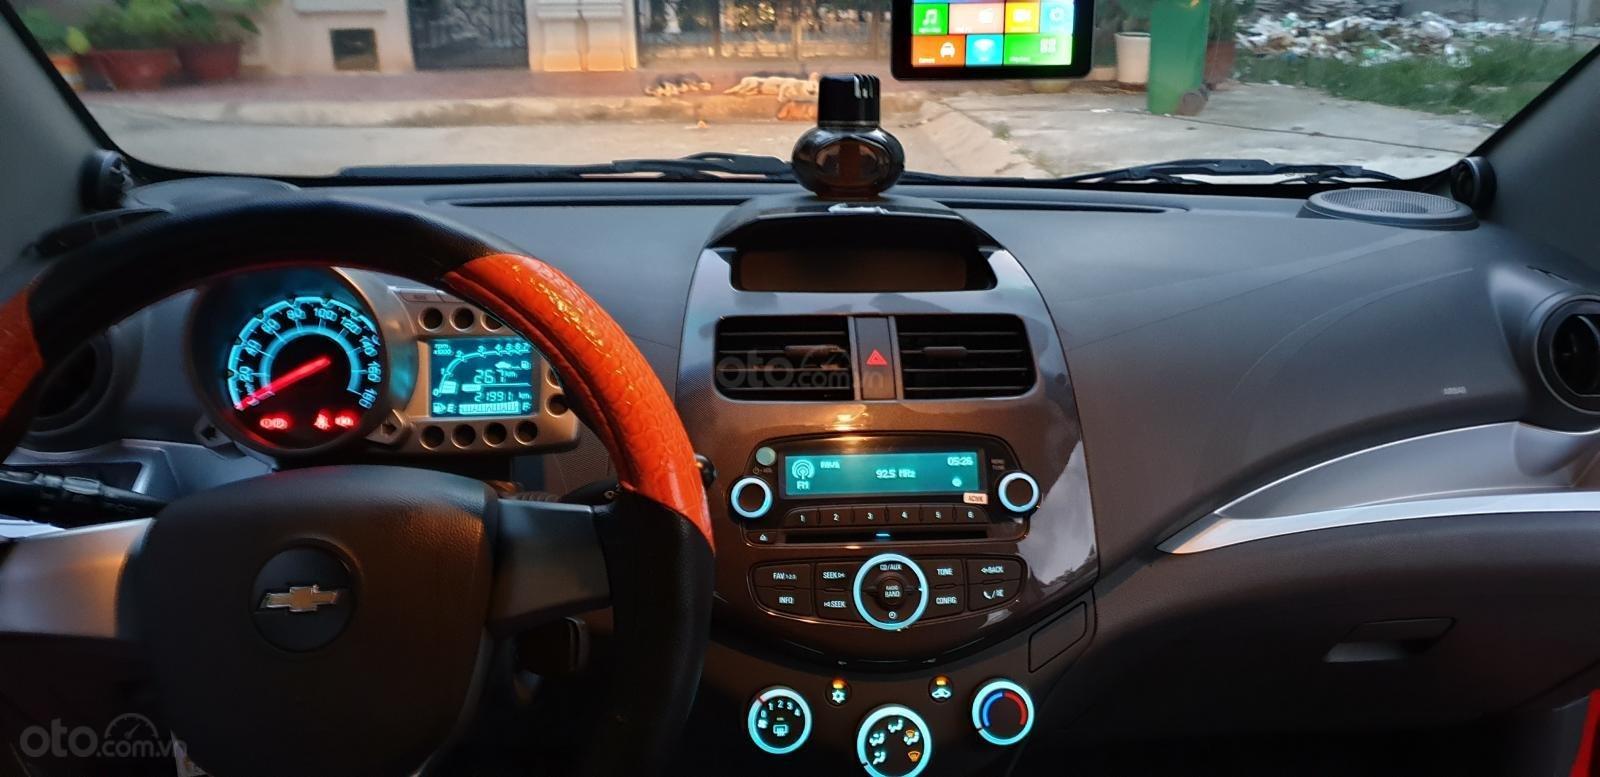 Bán Chevrolet Spark LTZ , số tự động đời T2/2014 sx 2013 màu đỏ đẹp mới 90% (13)